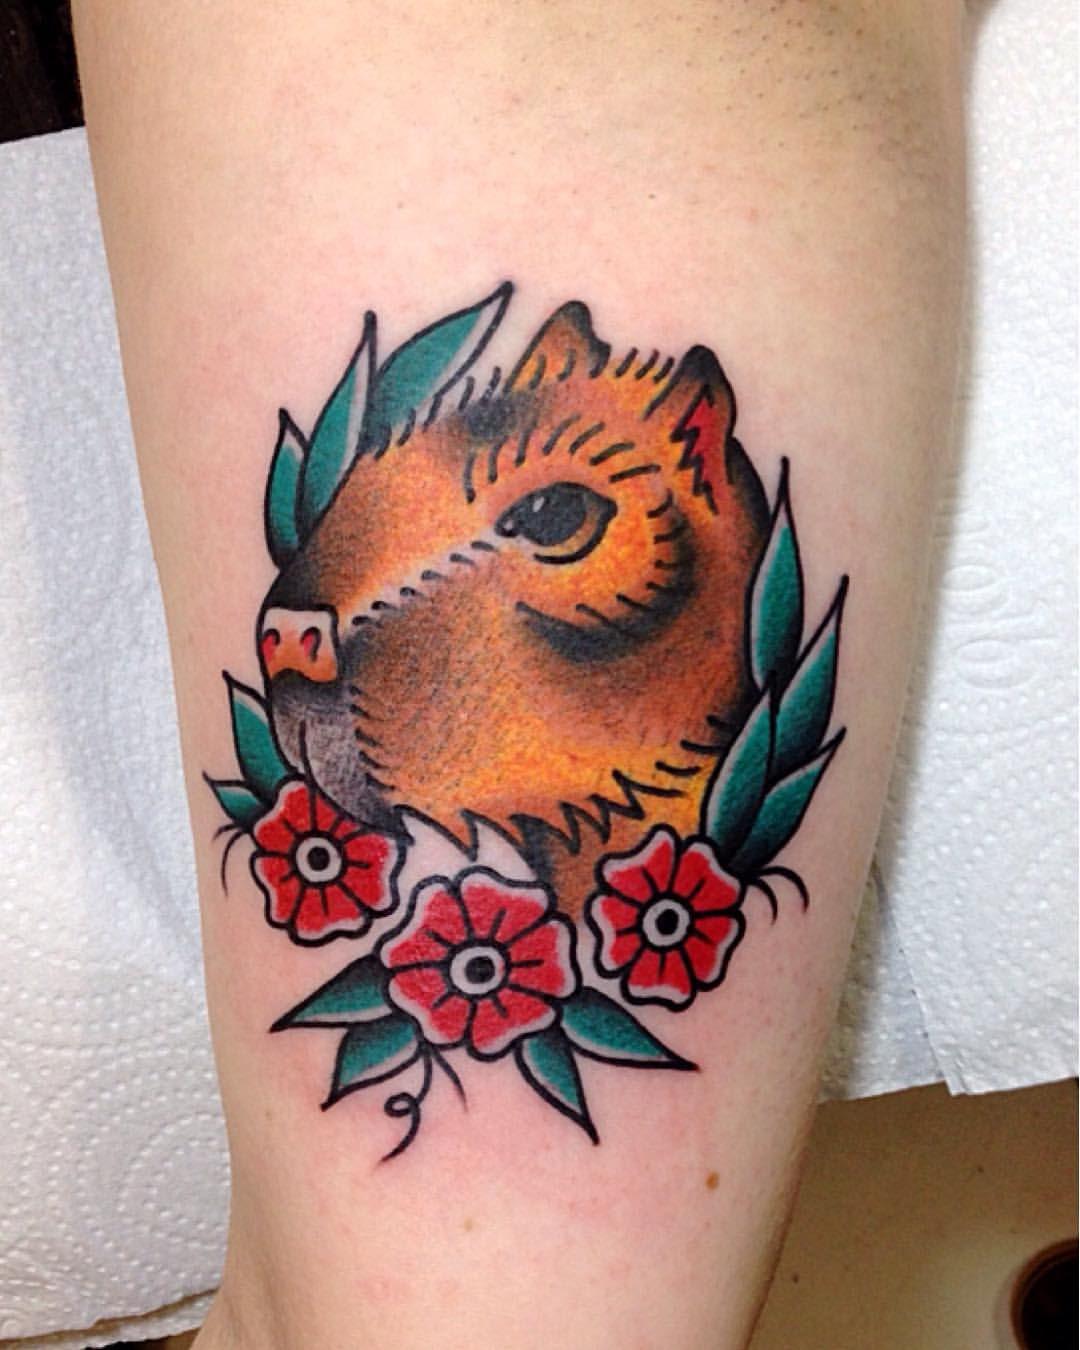 Capivara feita na Amanda Funke! Obrigado por confiar e pela preferência! ✌️🙌😊  Para agendar uma tatuagem, enviar email para brunomakowski@gmail.com ou whatsapp: (47) 8833-5432  #brunomakowski #luckylootclassictattoo #capivara #capybara #old #oldschool...